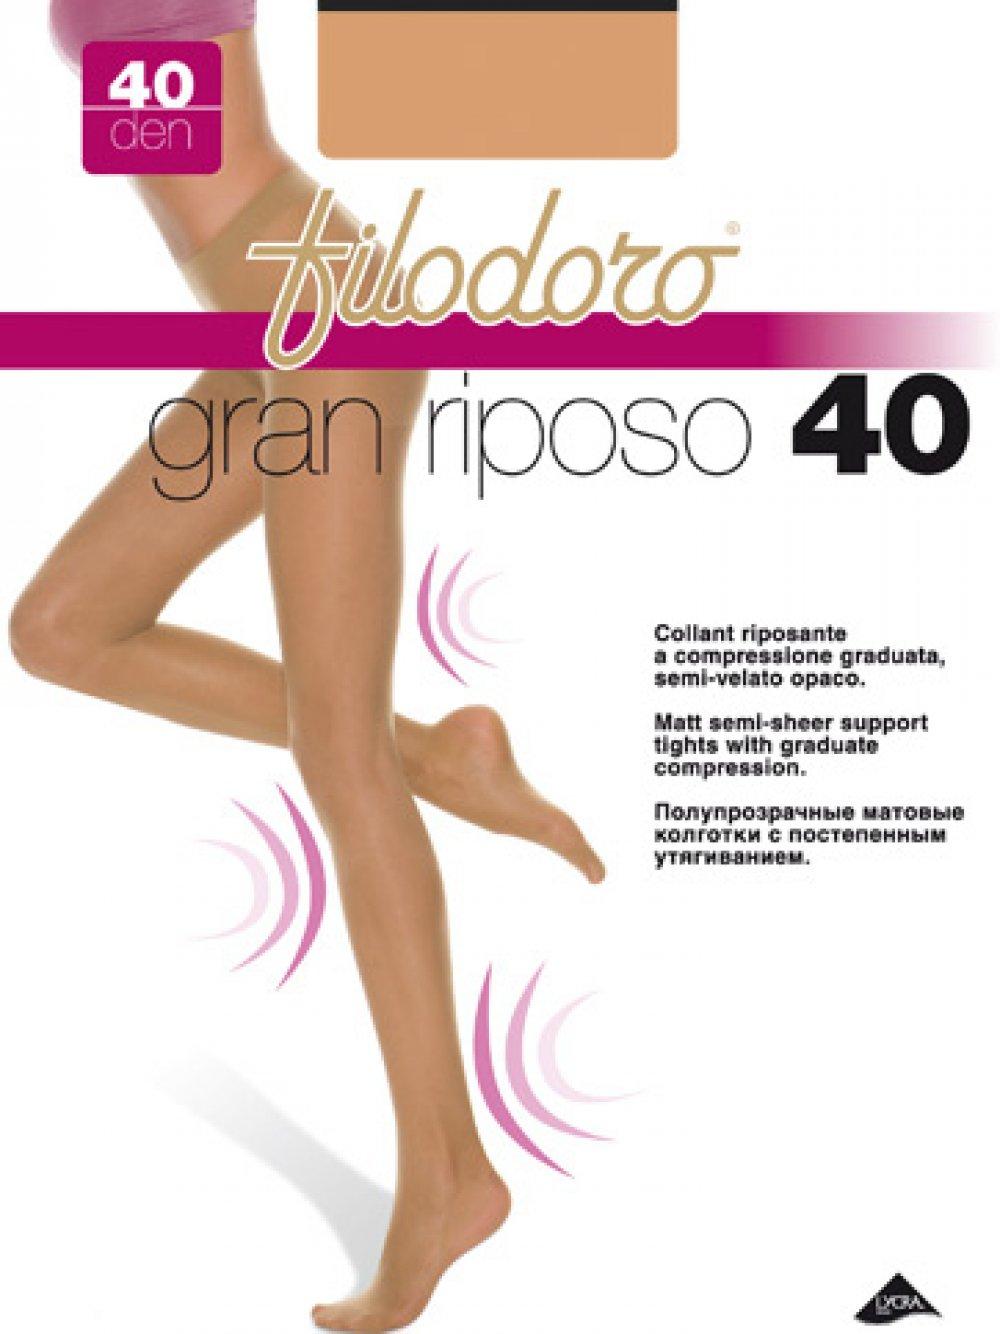 GRAN RIPOSO 40 DEN COLLANT RIPOSANTE A COMPRESSIONE GRADUATA FILODORO